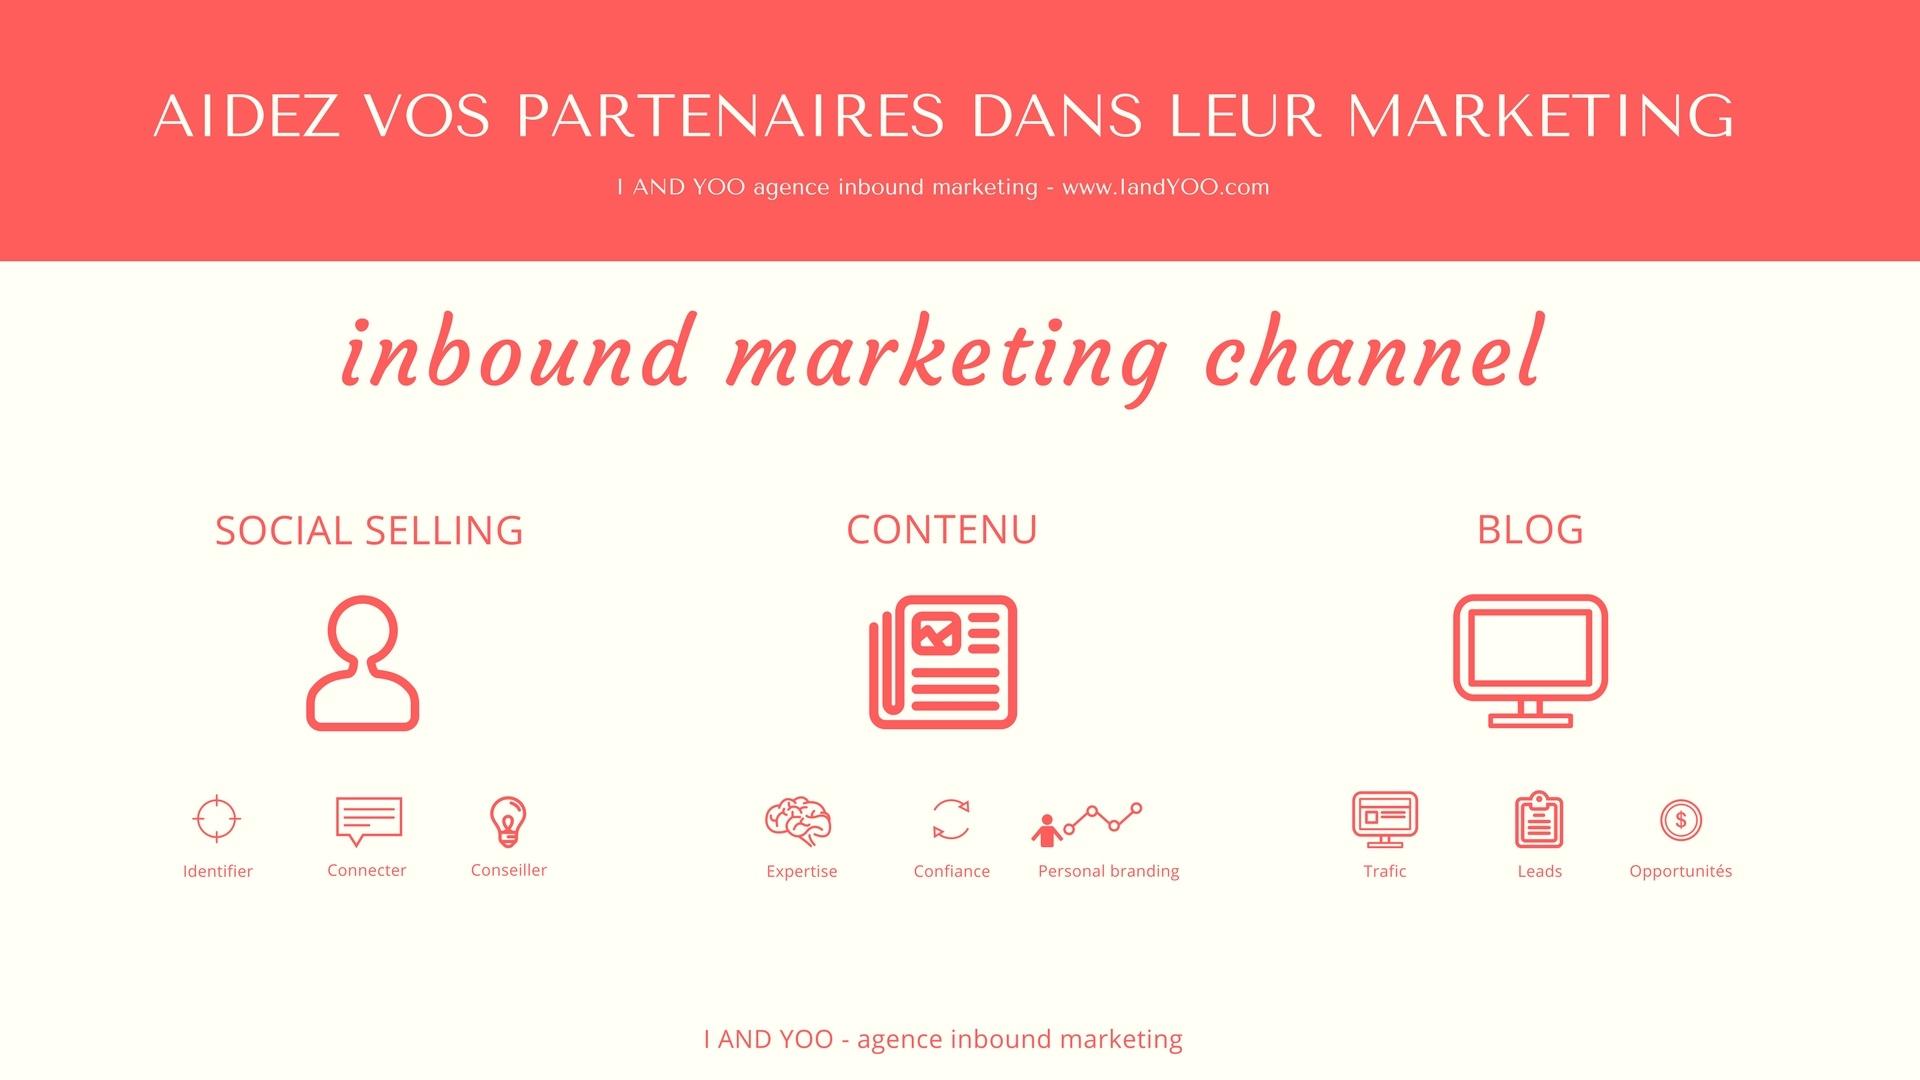 Inbound marketing partenaires - I AND YOO agence inbound marketing.jpg